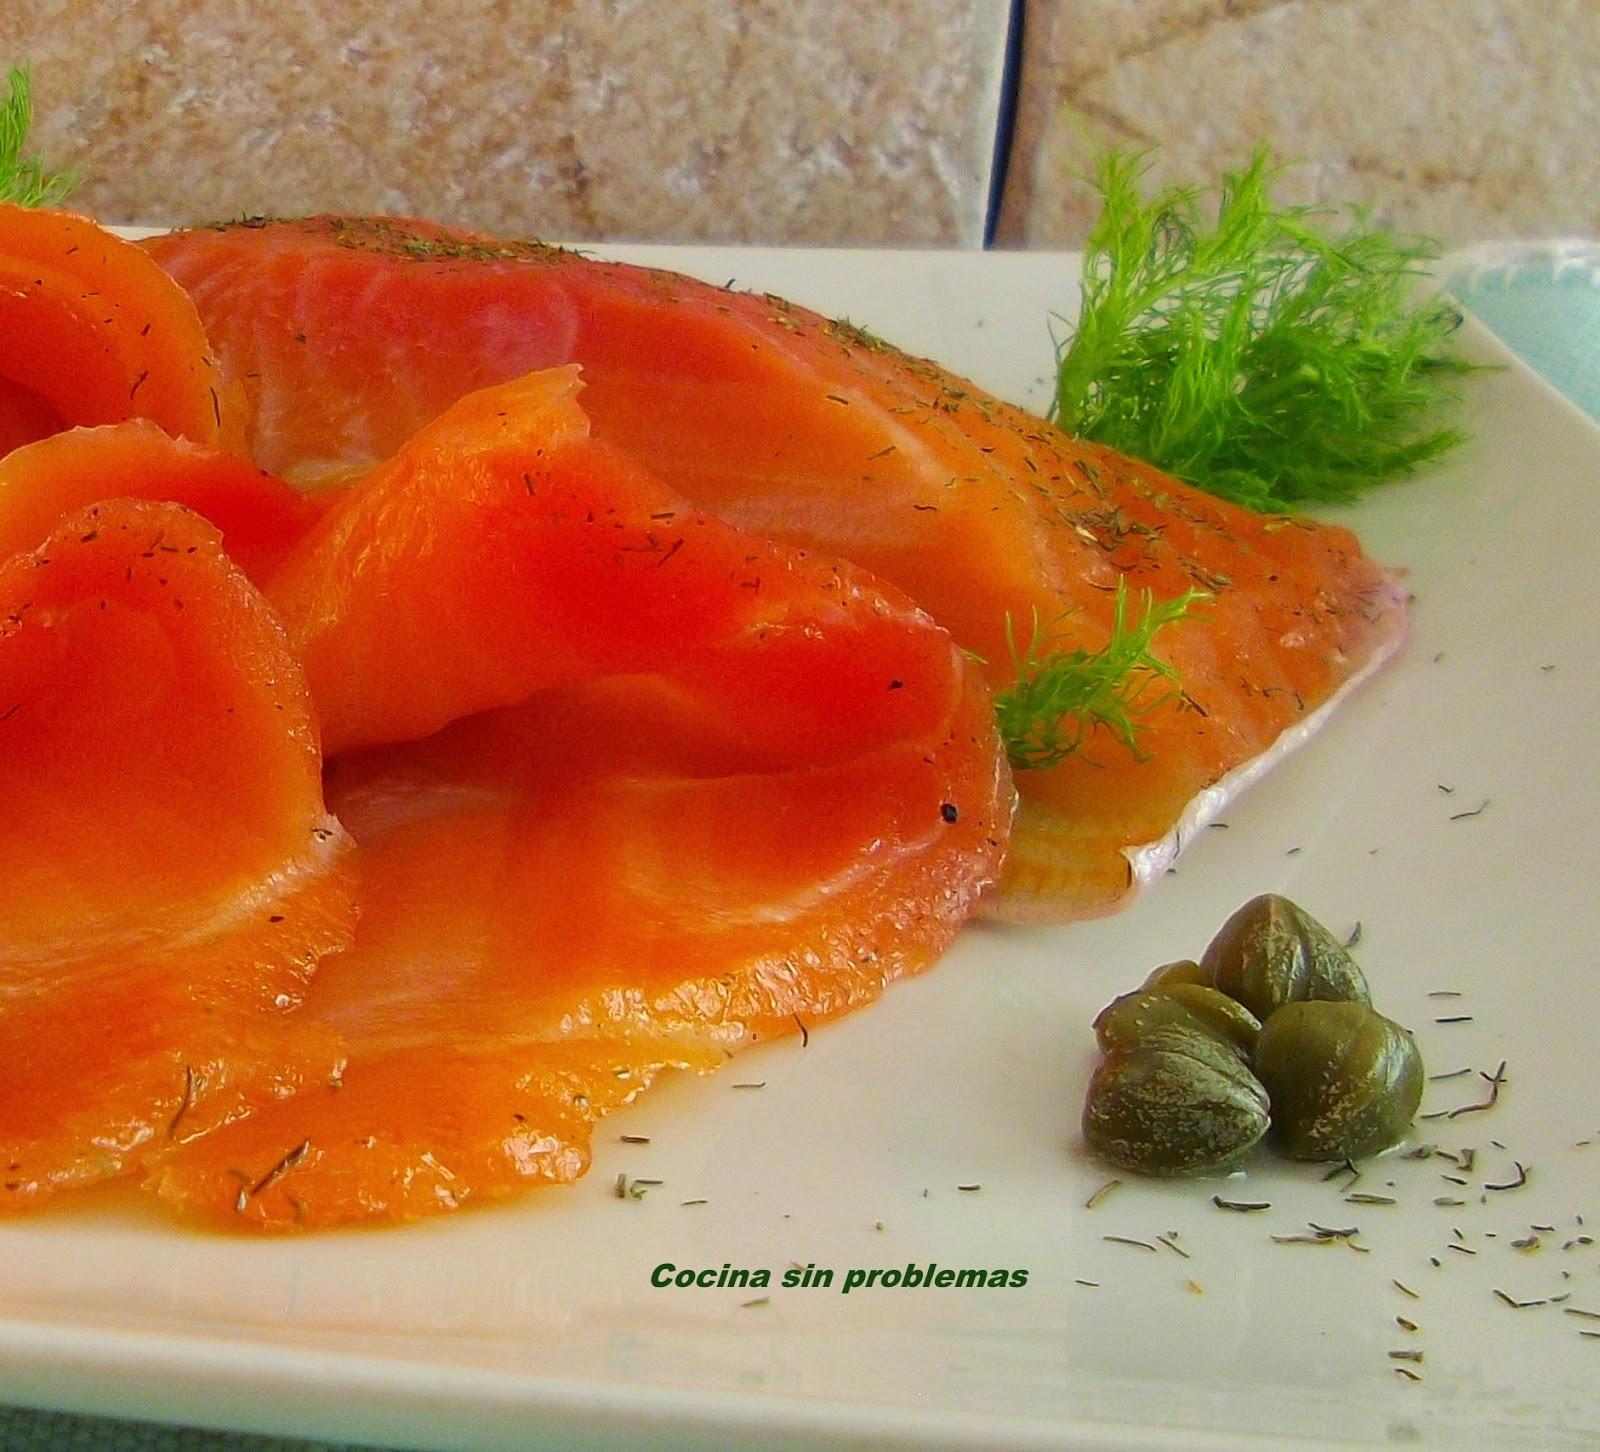 Salmón marinado con especias y remolacha.